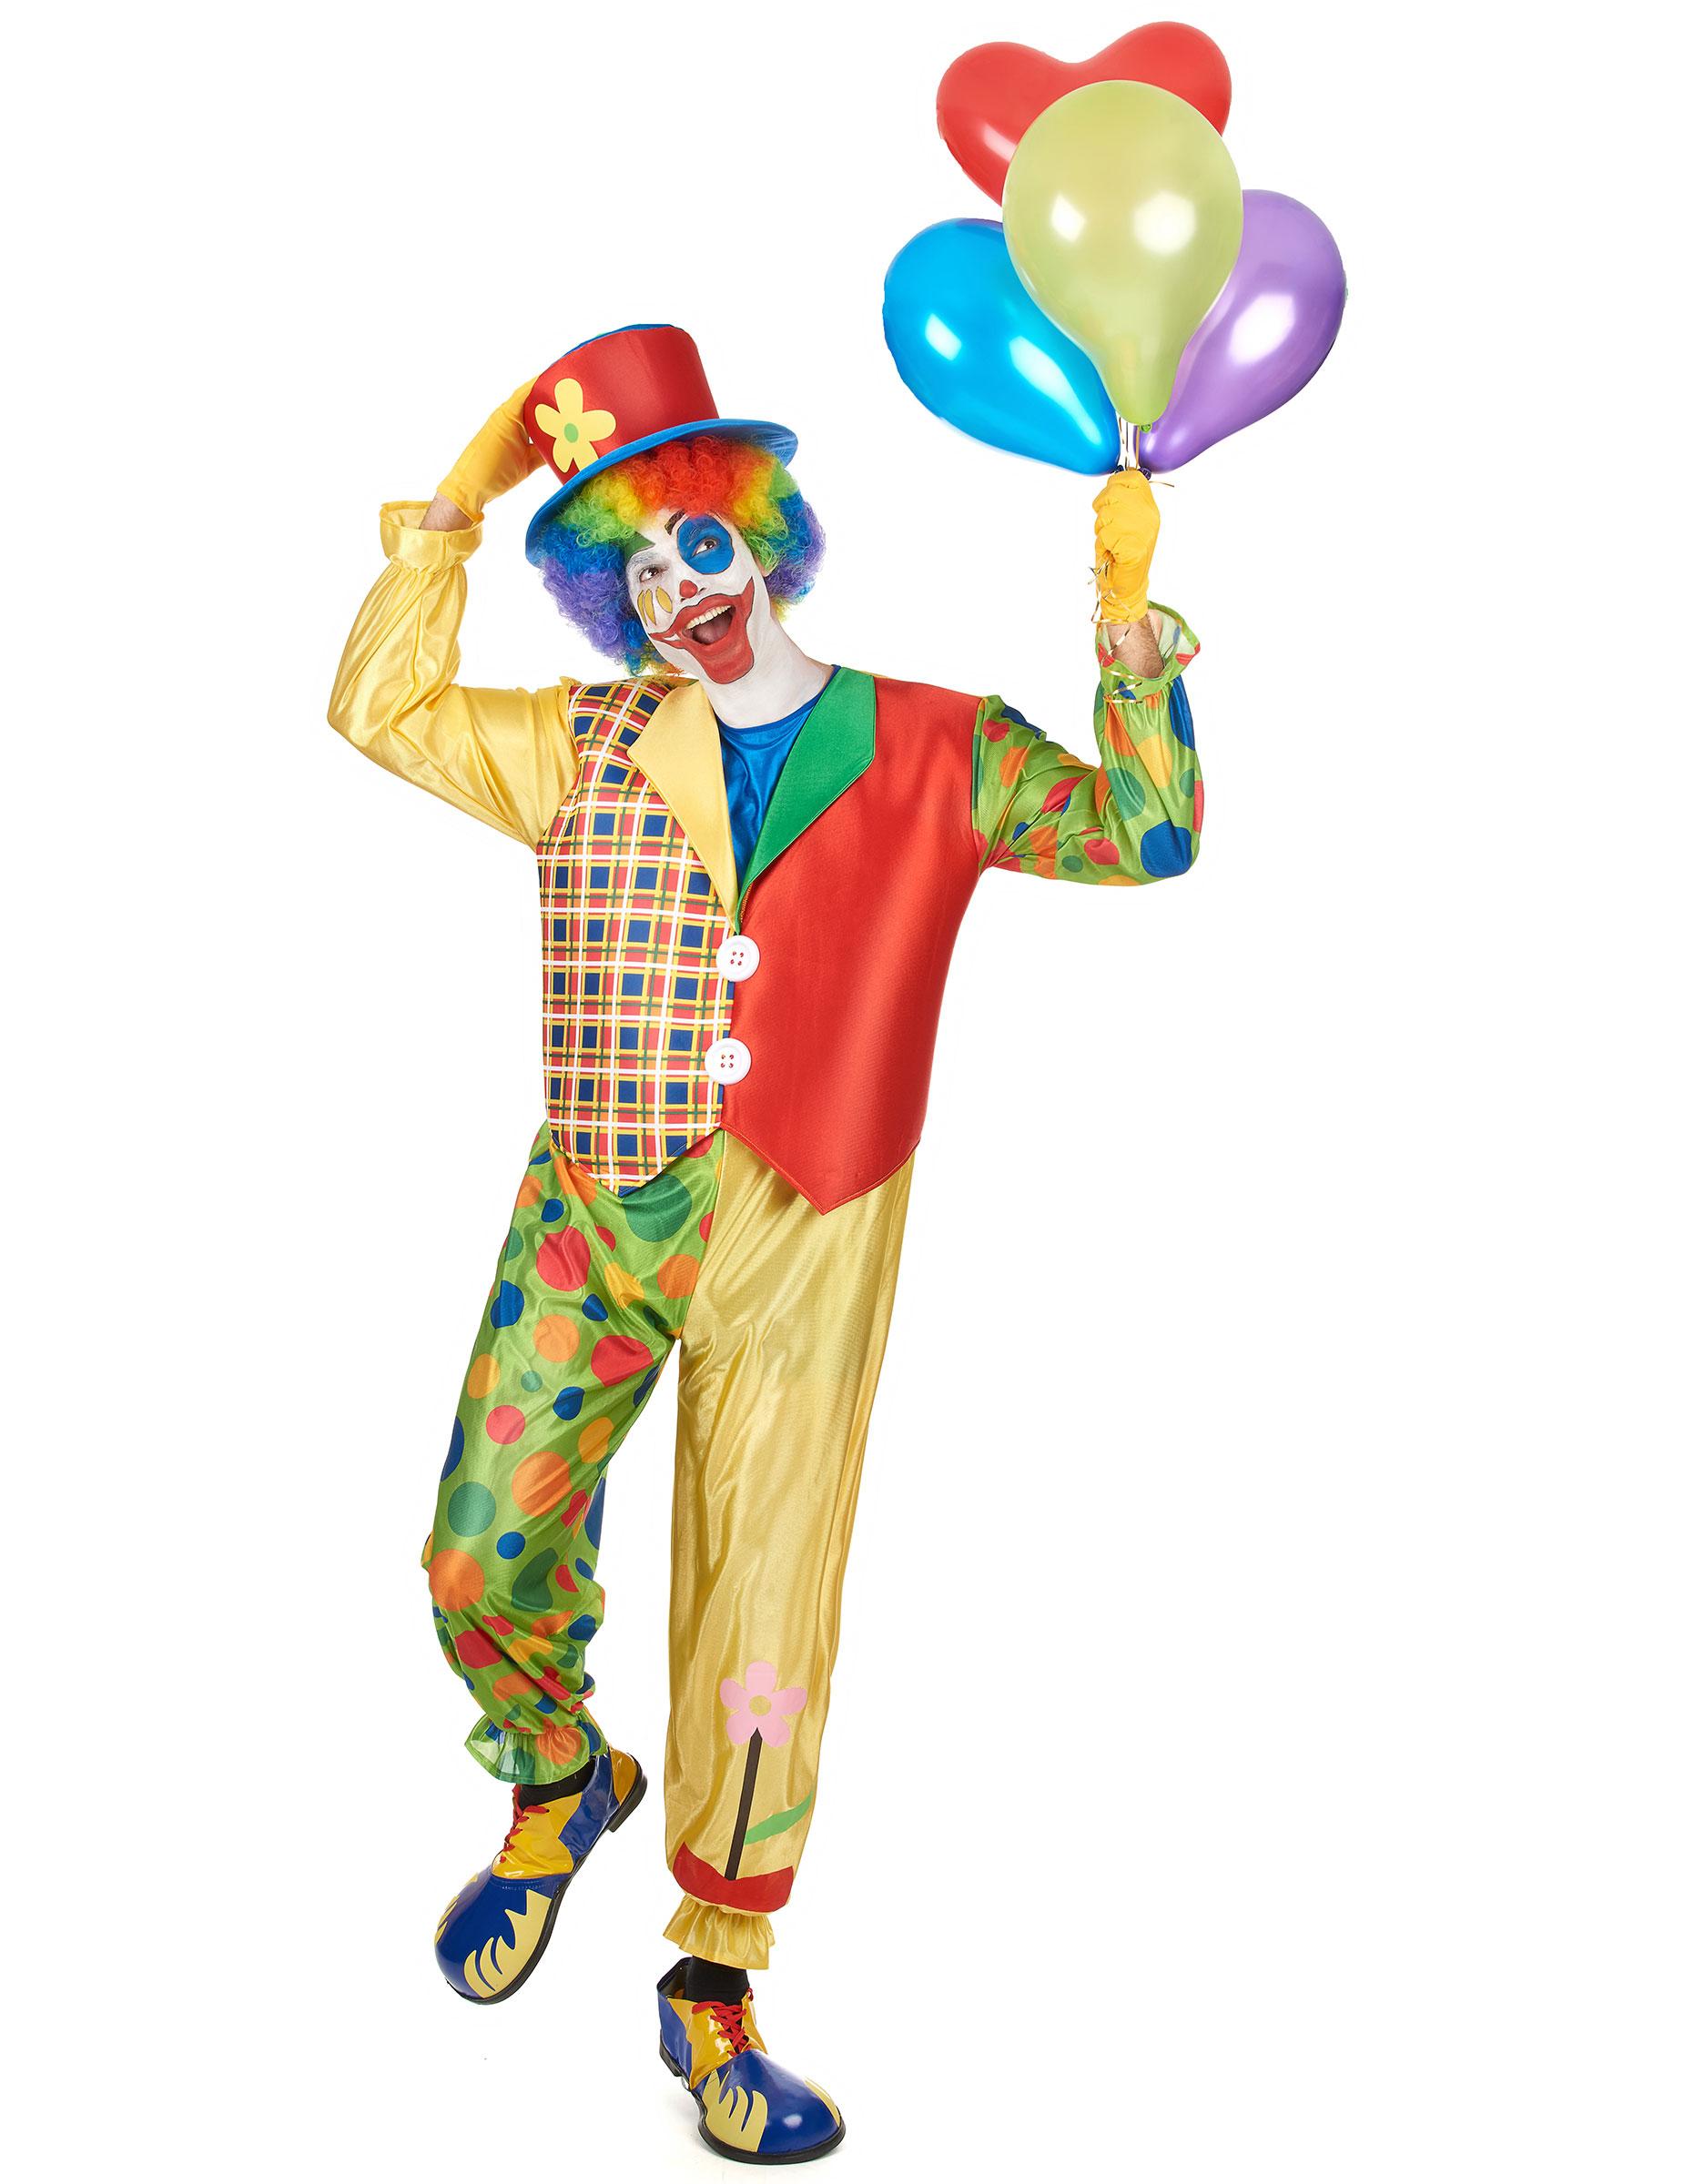 Schrilles Clown Kostum Kostume Fur Erwachsene Und Gunstige